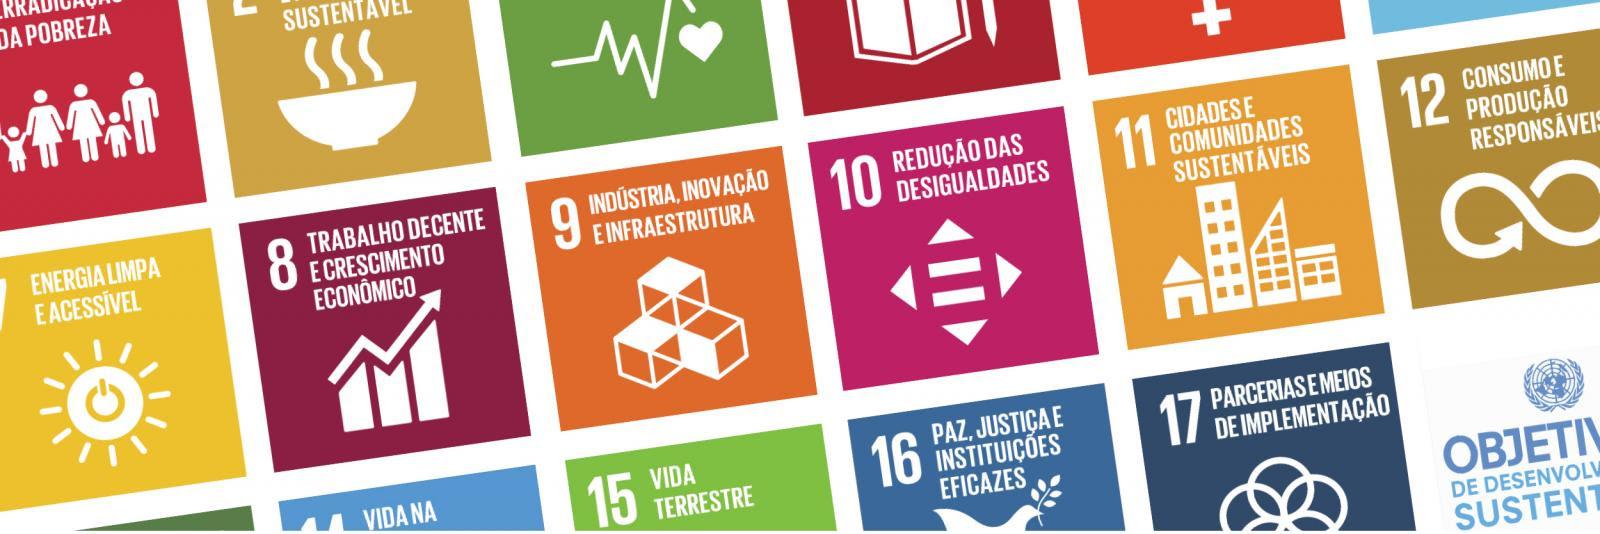 o pacto global da onu é composto por 10 princípios para transformar o mundo